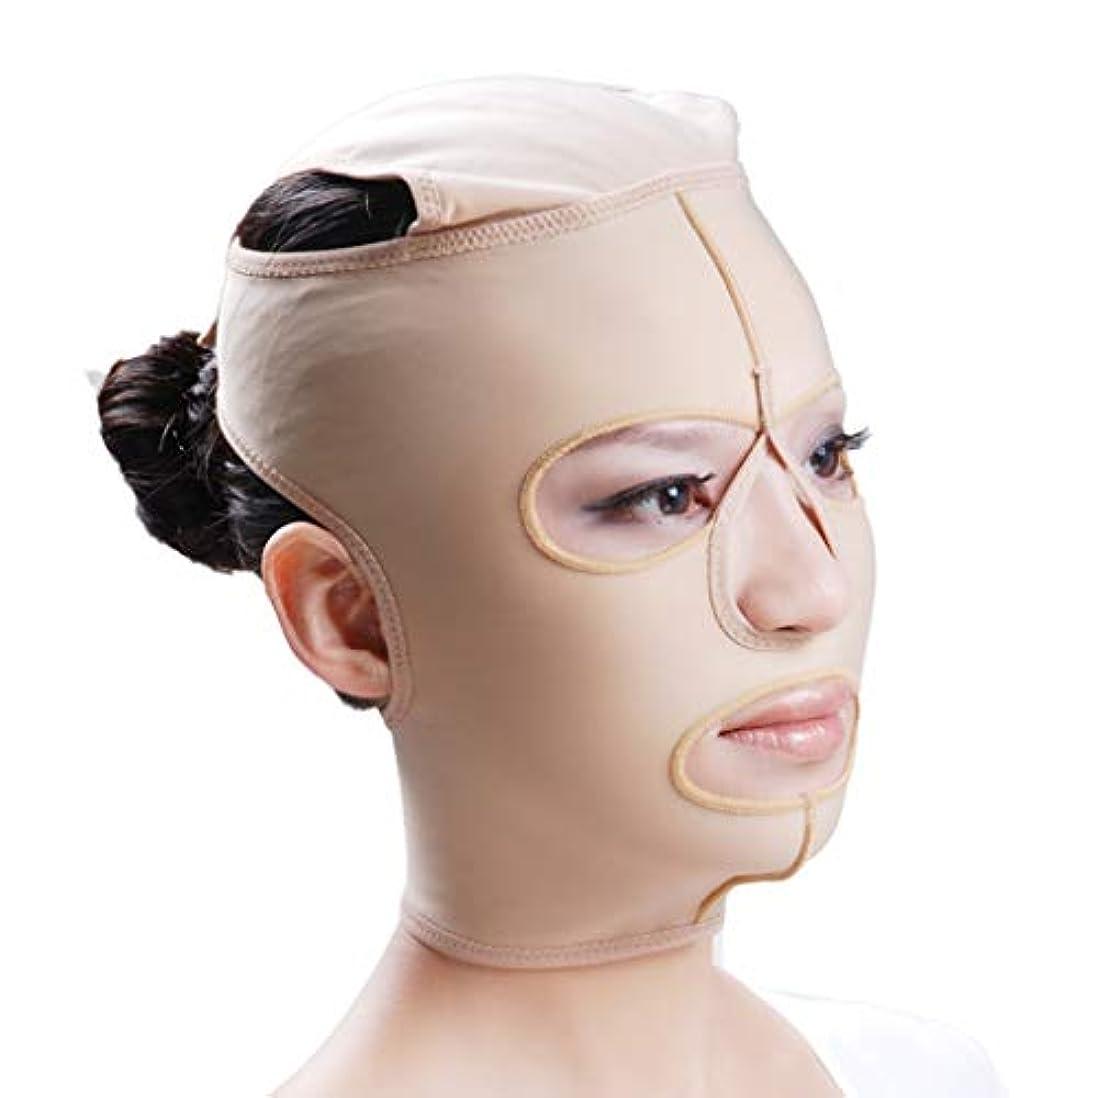 契約技術見るフェイスリフトマスク、フルフェイスマスク医療グレード圧力フェイスダブルチンプラスチック脂肪吸引術弾性包帯ヘッドギア後の顔の脂肪吸引術 (Size : L)